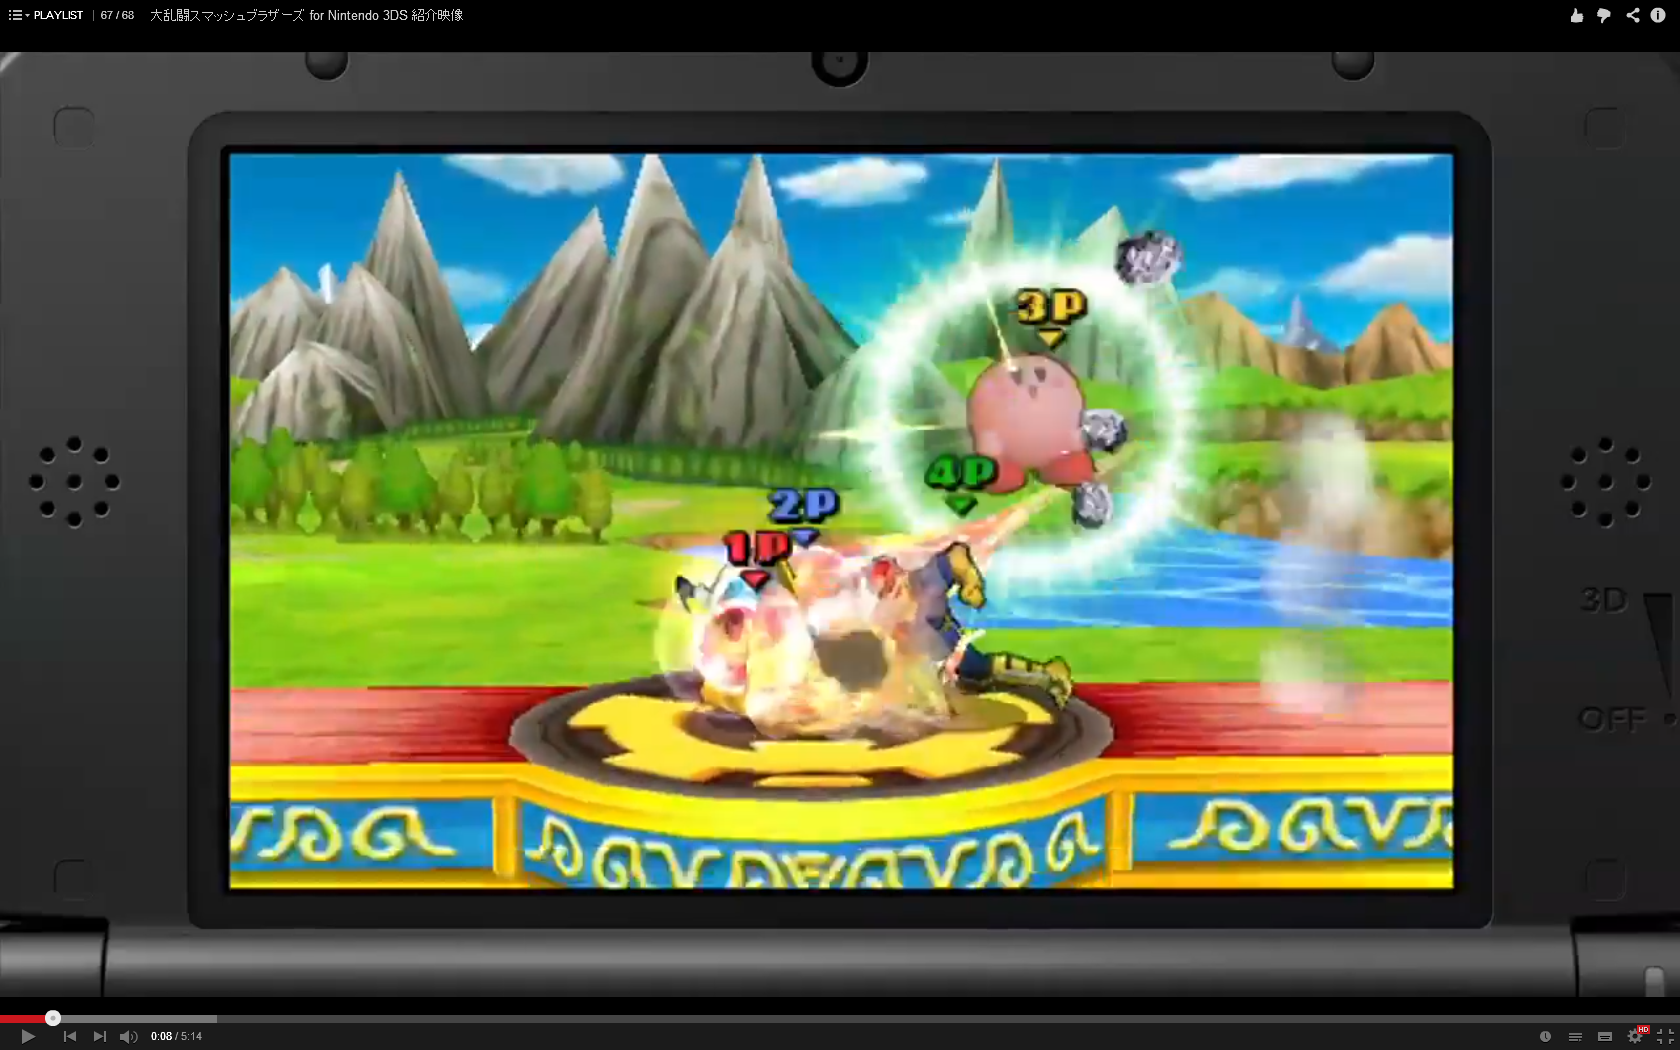 [Officiel] Liste des stages 3DS + nouvelle vidéo 1409319821049278300